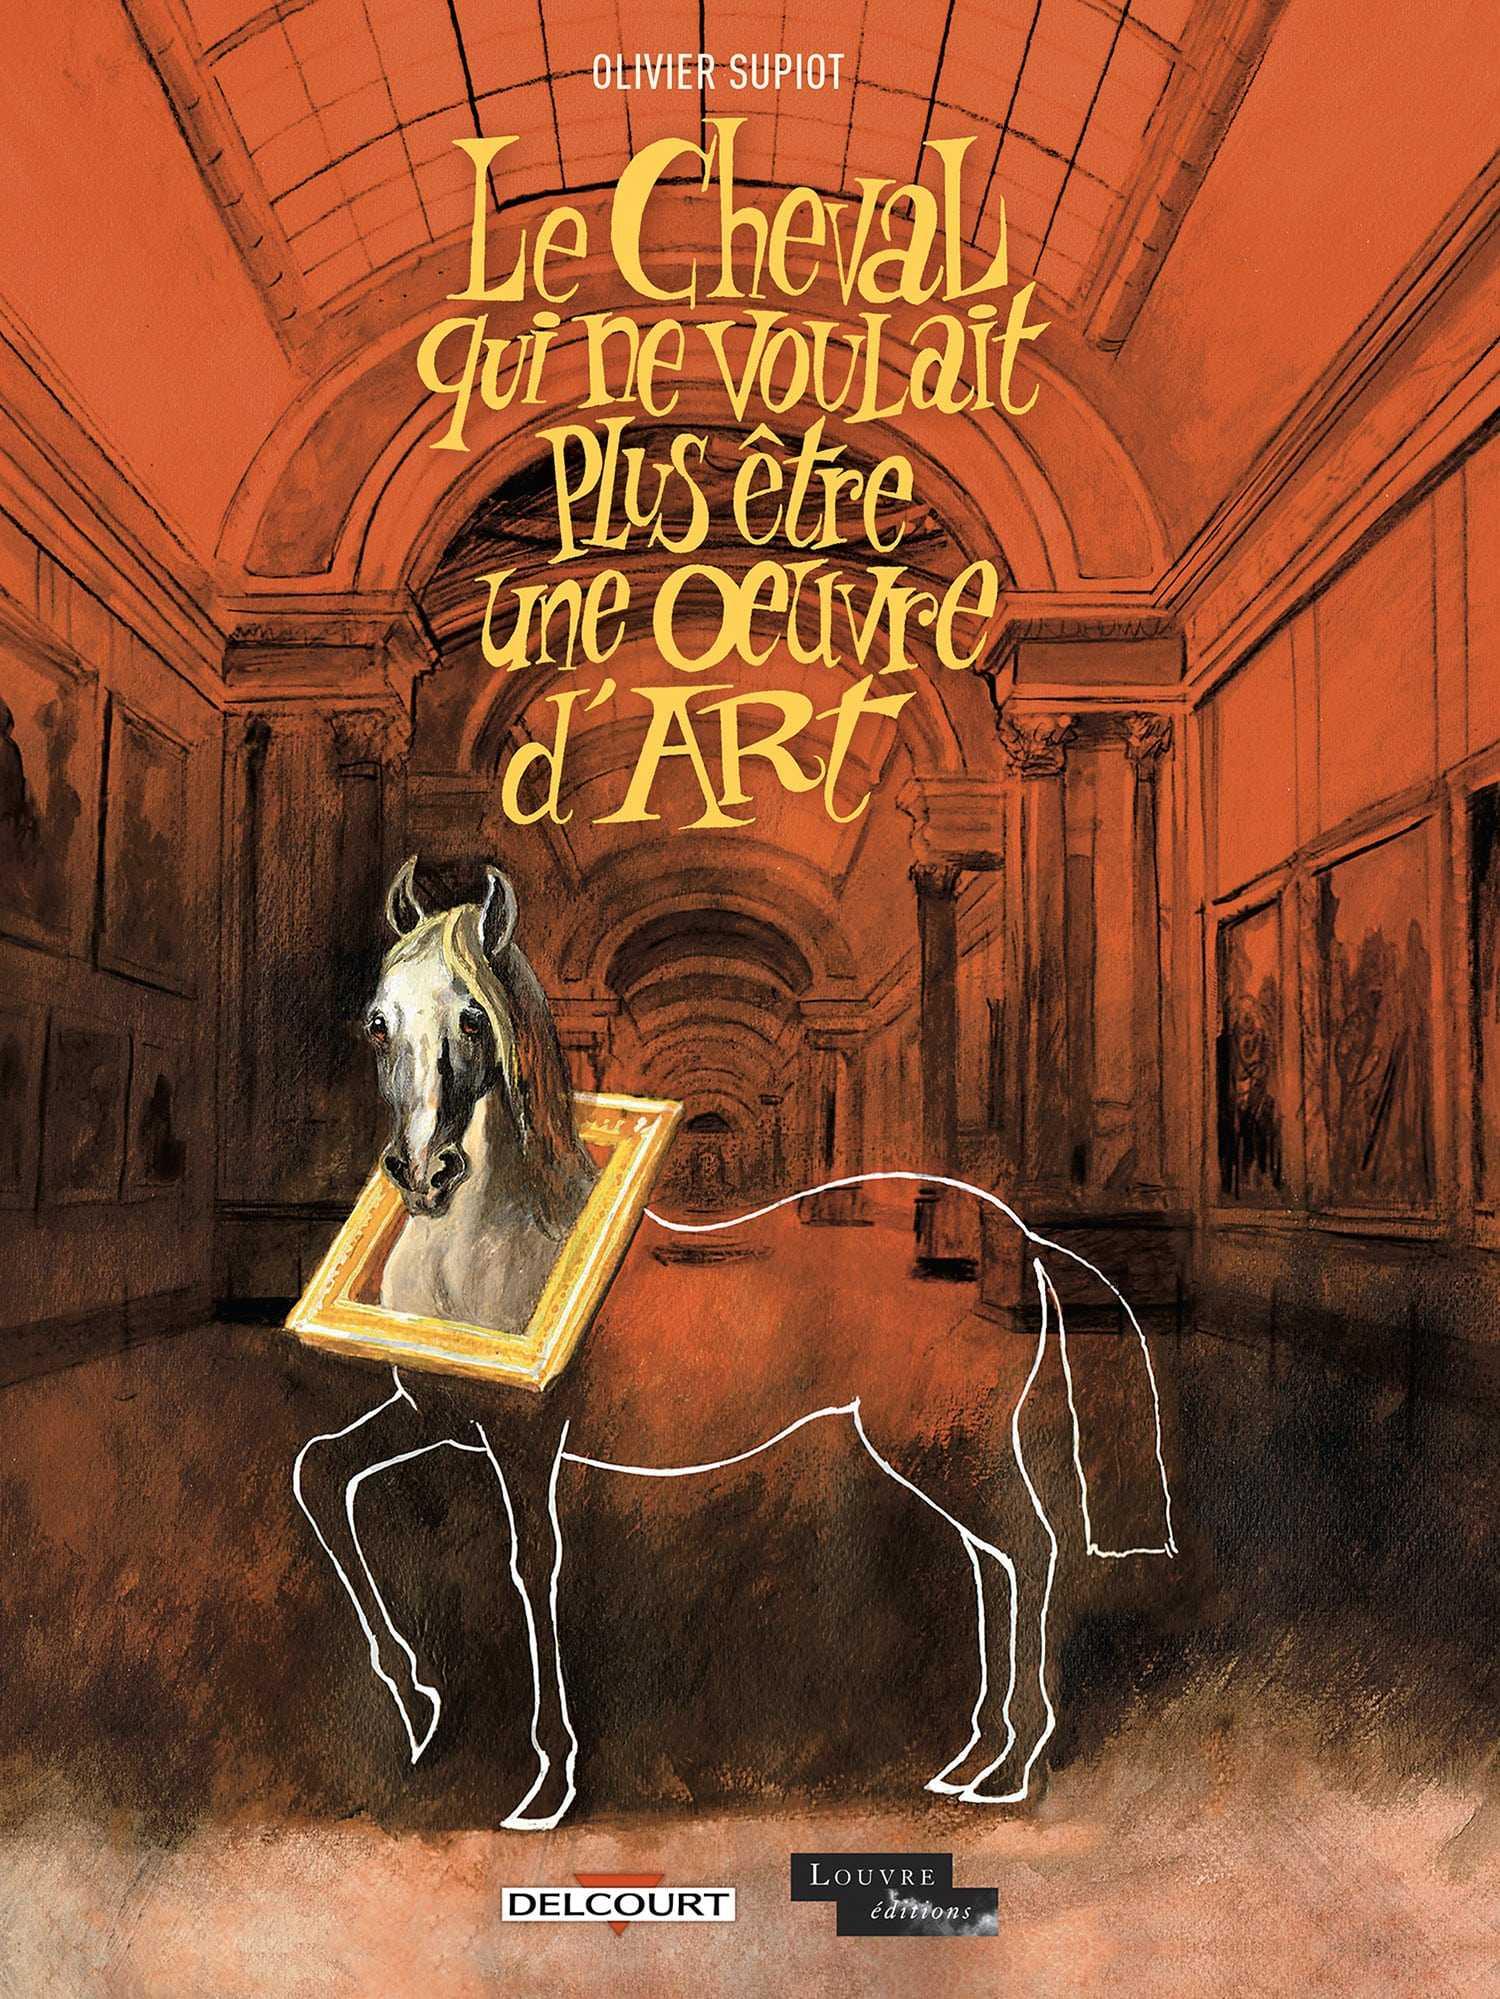 Le Cheval qui ne voulait plus être une œuvre d'art, Olivier Supiot inaugure la nouvelle collection Jeunesse Delcourt